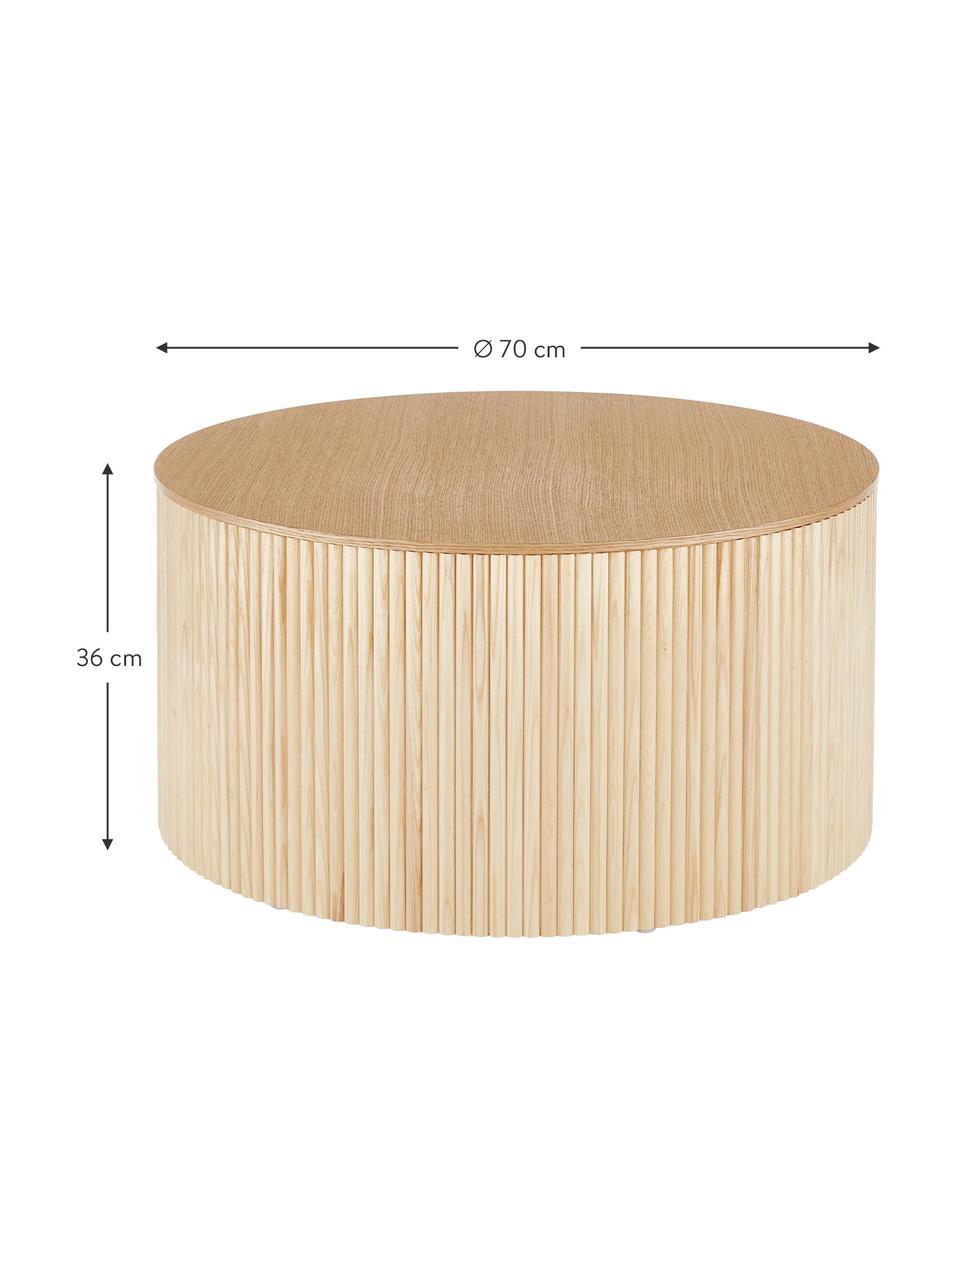 Drewniany stolik kawowy z miejscem do przechowywania Nele, Płyta pilśniowa (MDF) z fornirem z drewna jesionowego, Okleina jesionowa, Ø 70 x W 36 cm